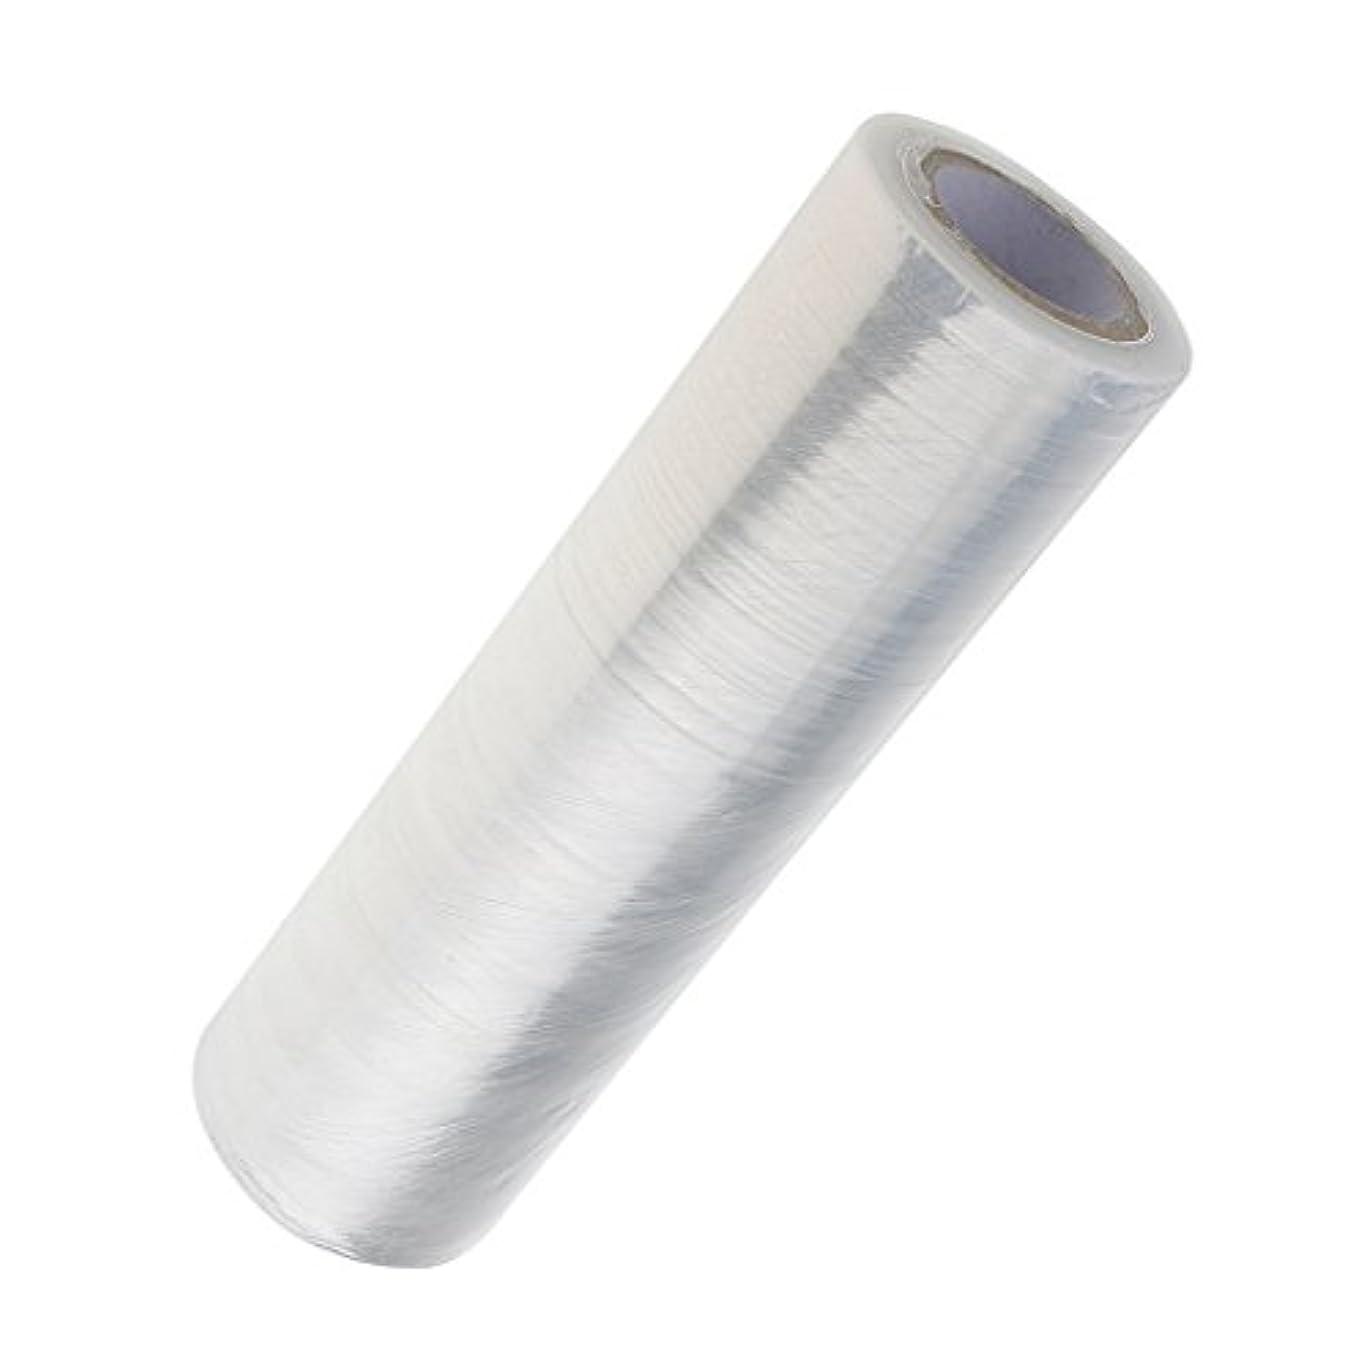 Sharplace 1ロール ボディラップ 美容用ラップ 髪用ラップ プラスチック クリア